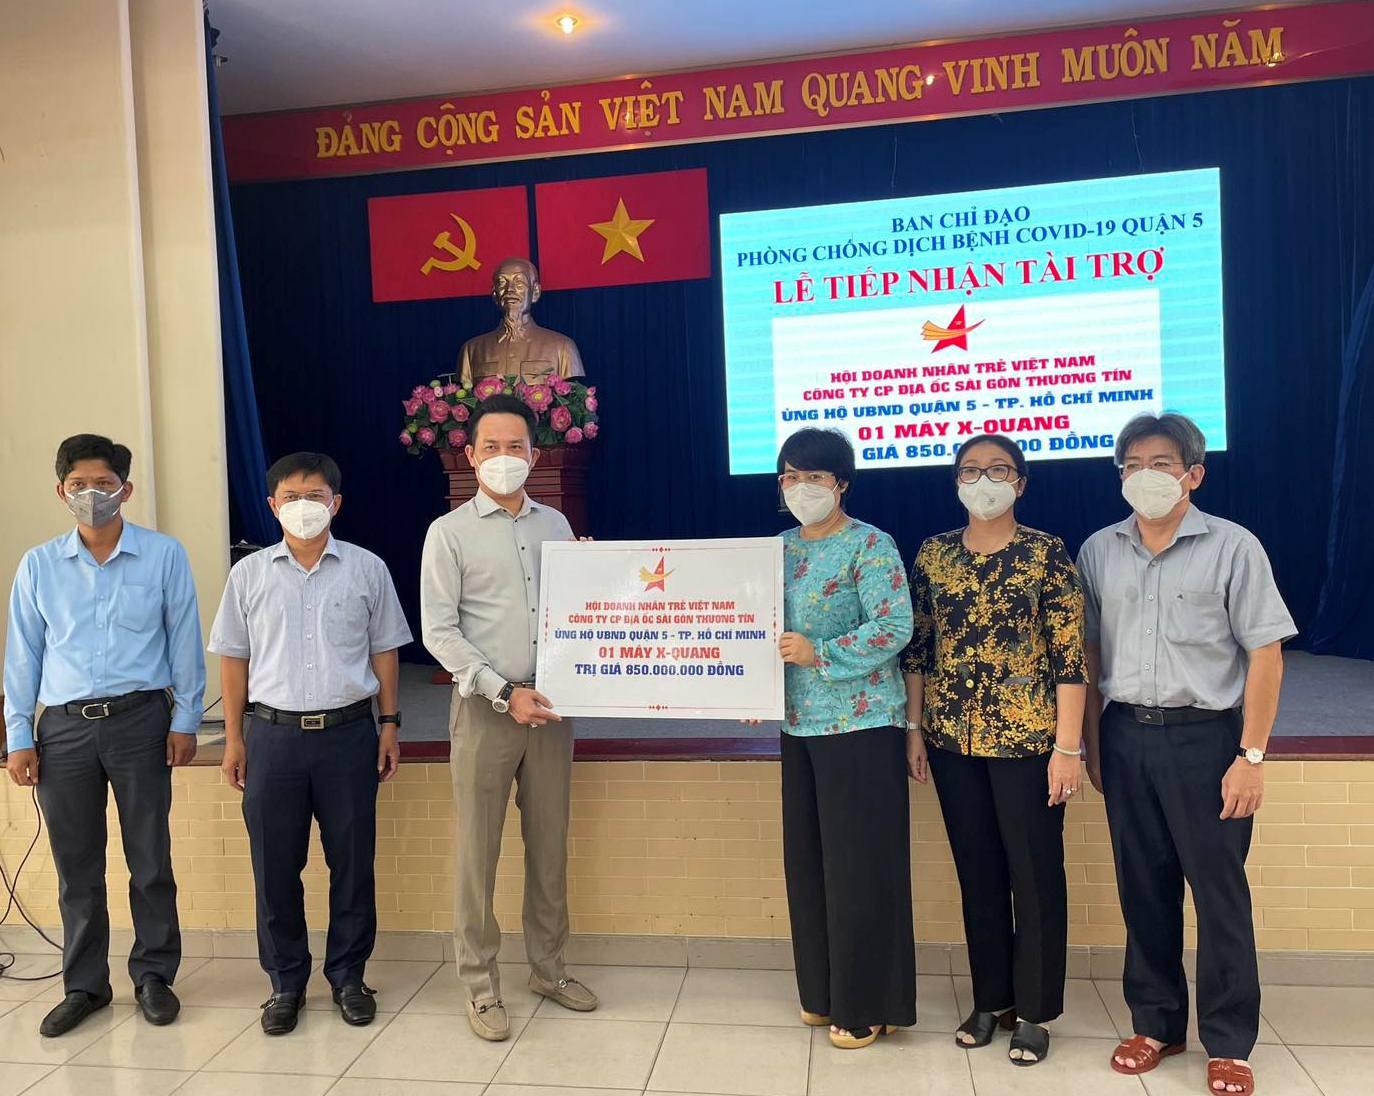 Hội doanh nhân trẻ Việt Nam và TTC trao tặng máy X-quang đến UBND quận 5